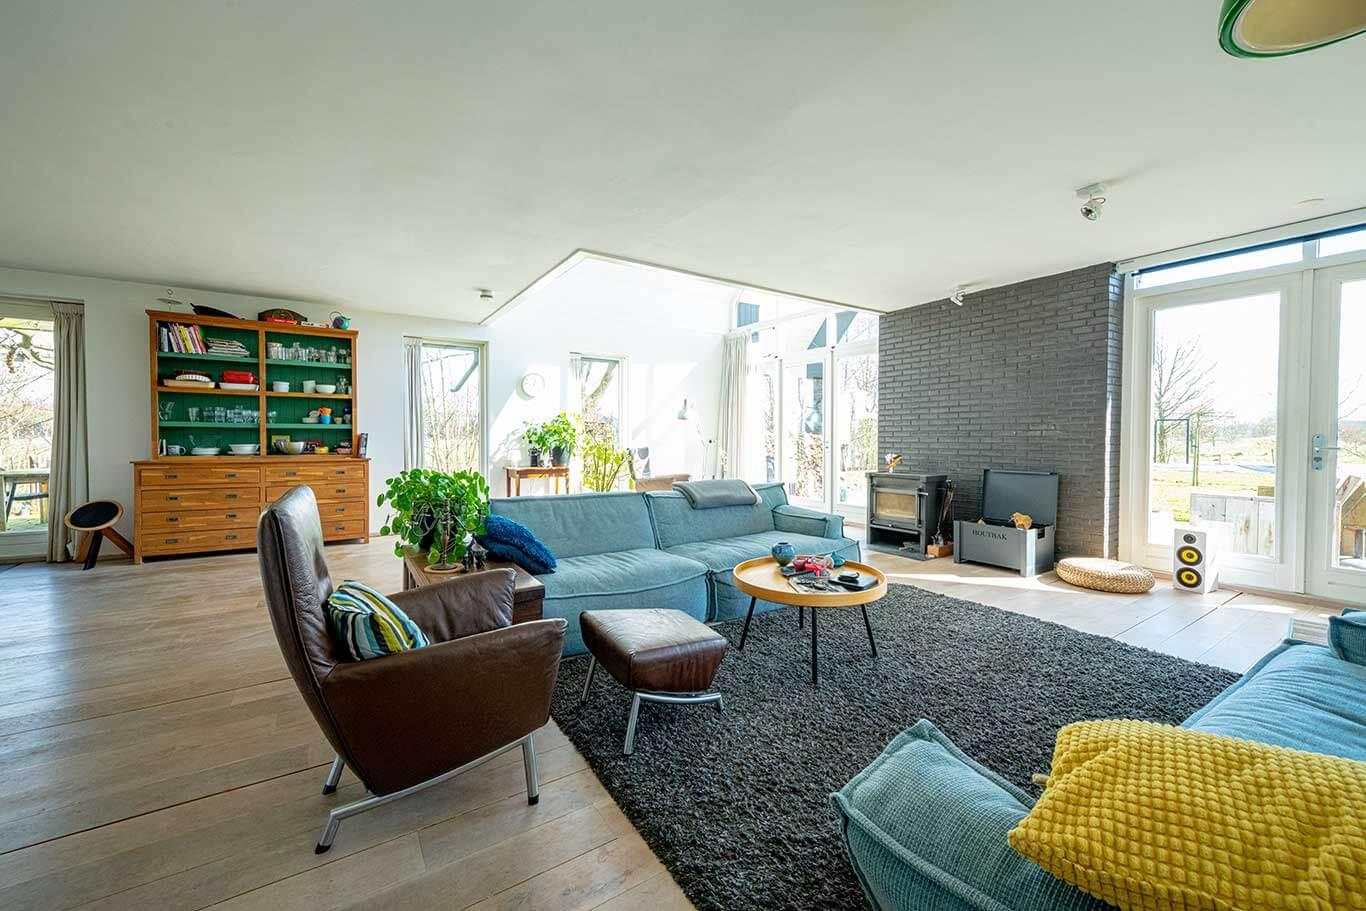 hesselmann-oldeberkoop-woonhuis-interieur-6.jpg